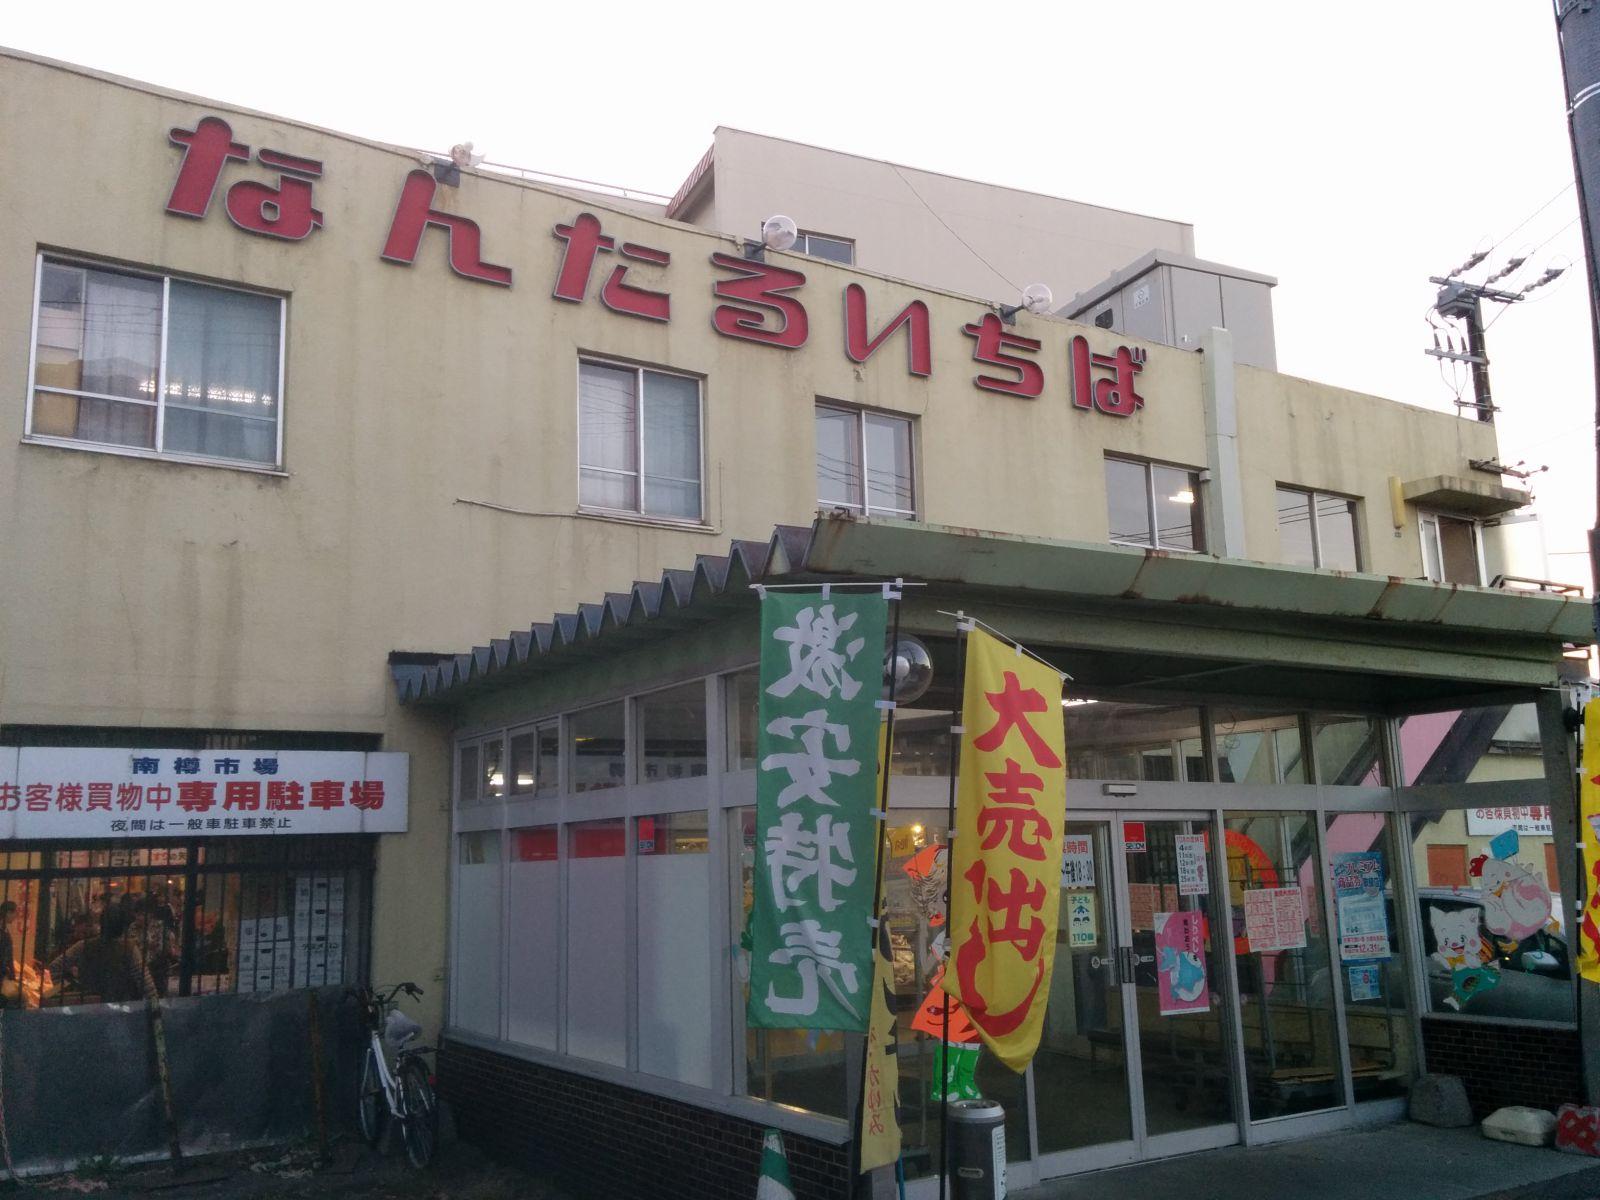 【小樽】なんたる市場観光案内です。